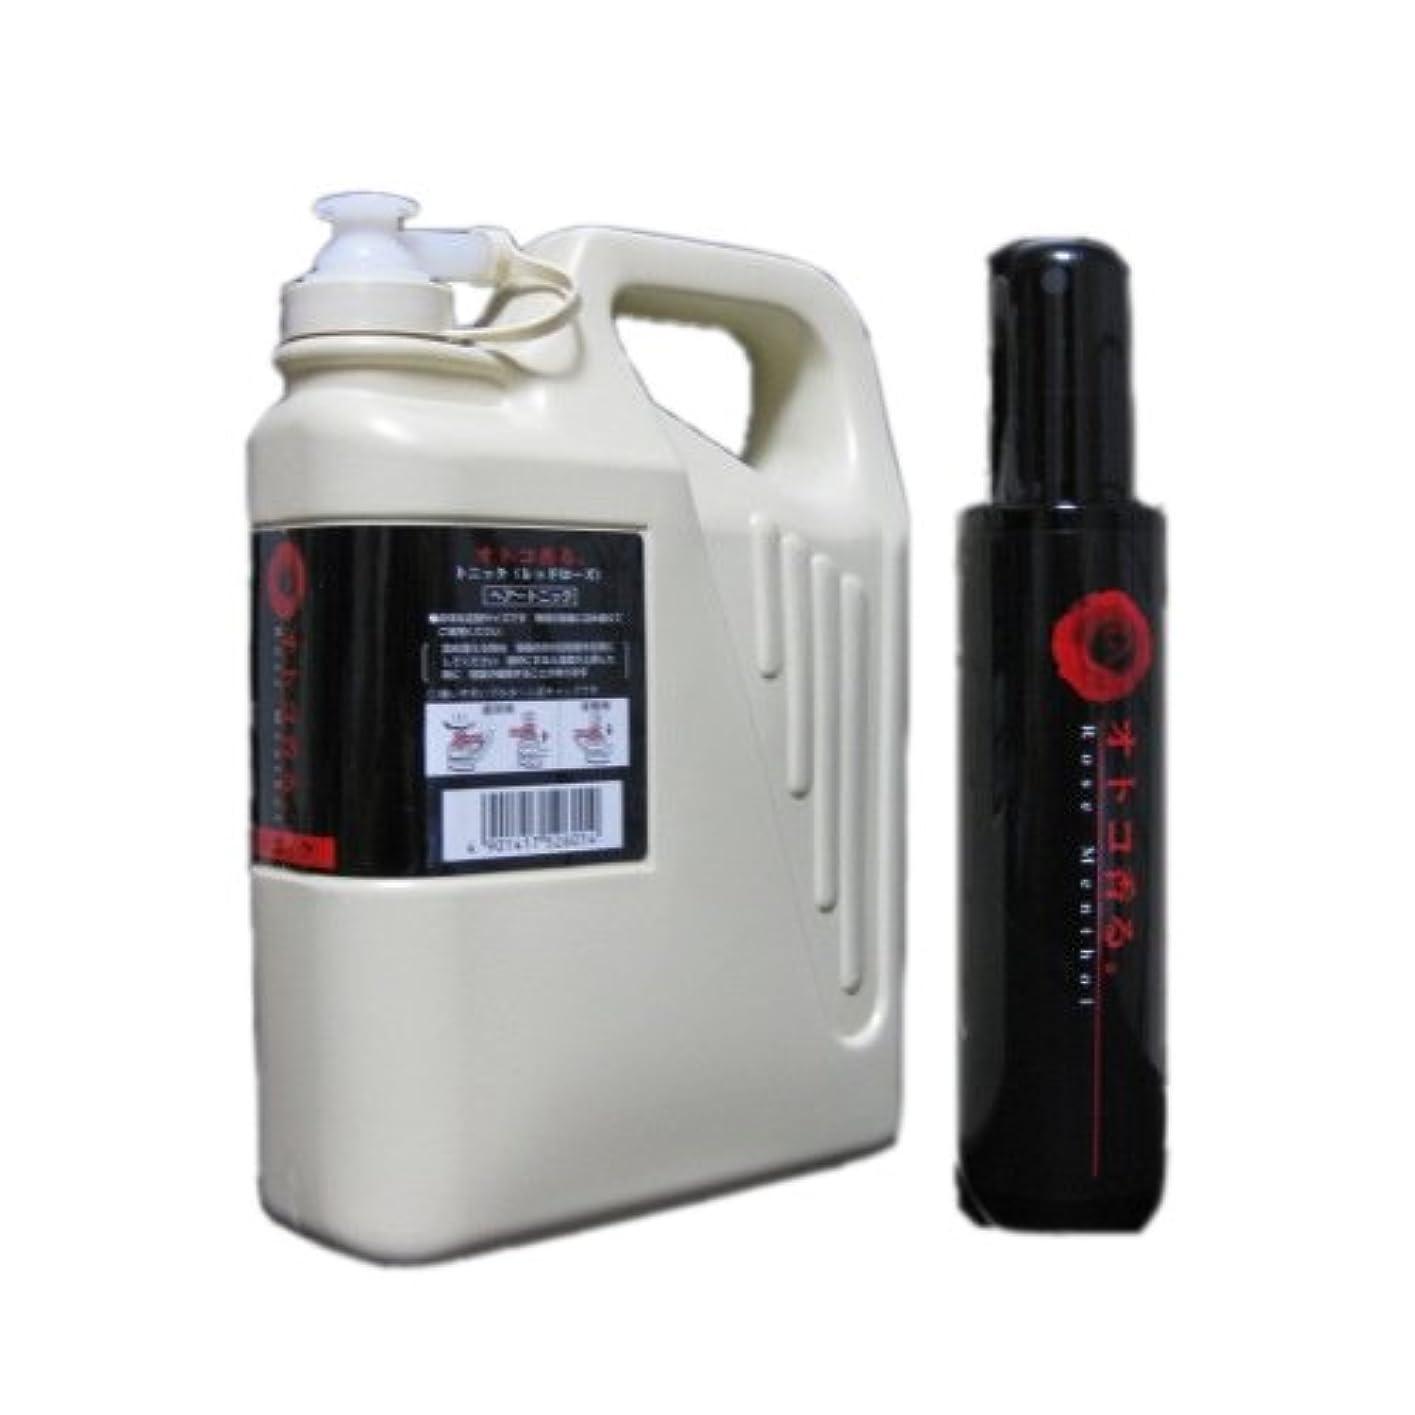 チャーミング結果として理由クラシエ オトコ香る。フレグランストニック レッドローズ150ml+1050ml Lサイズ(業務?詰替用)セット